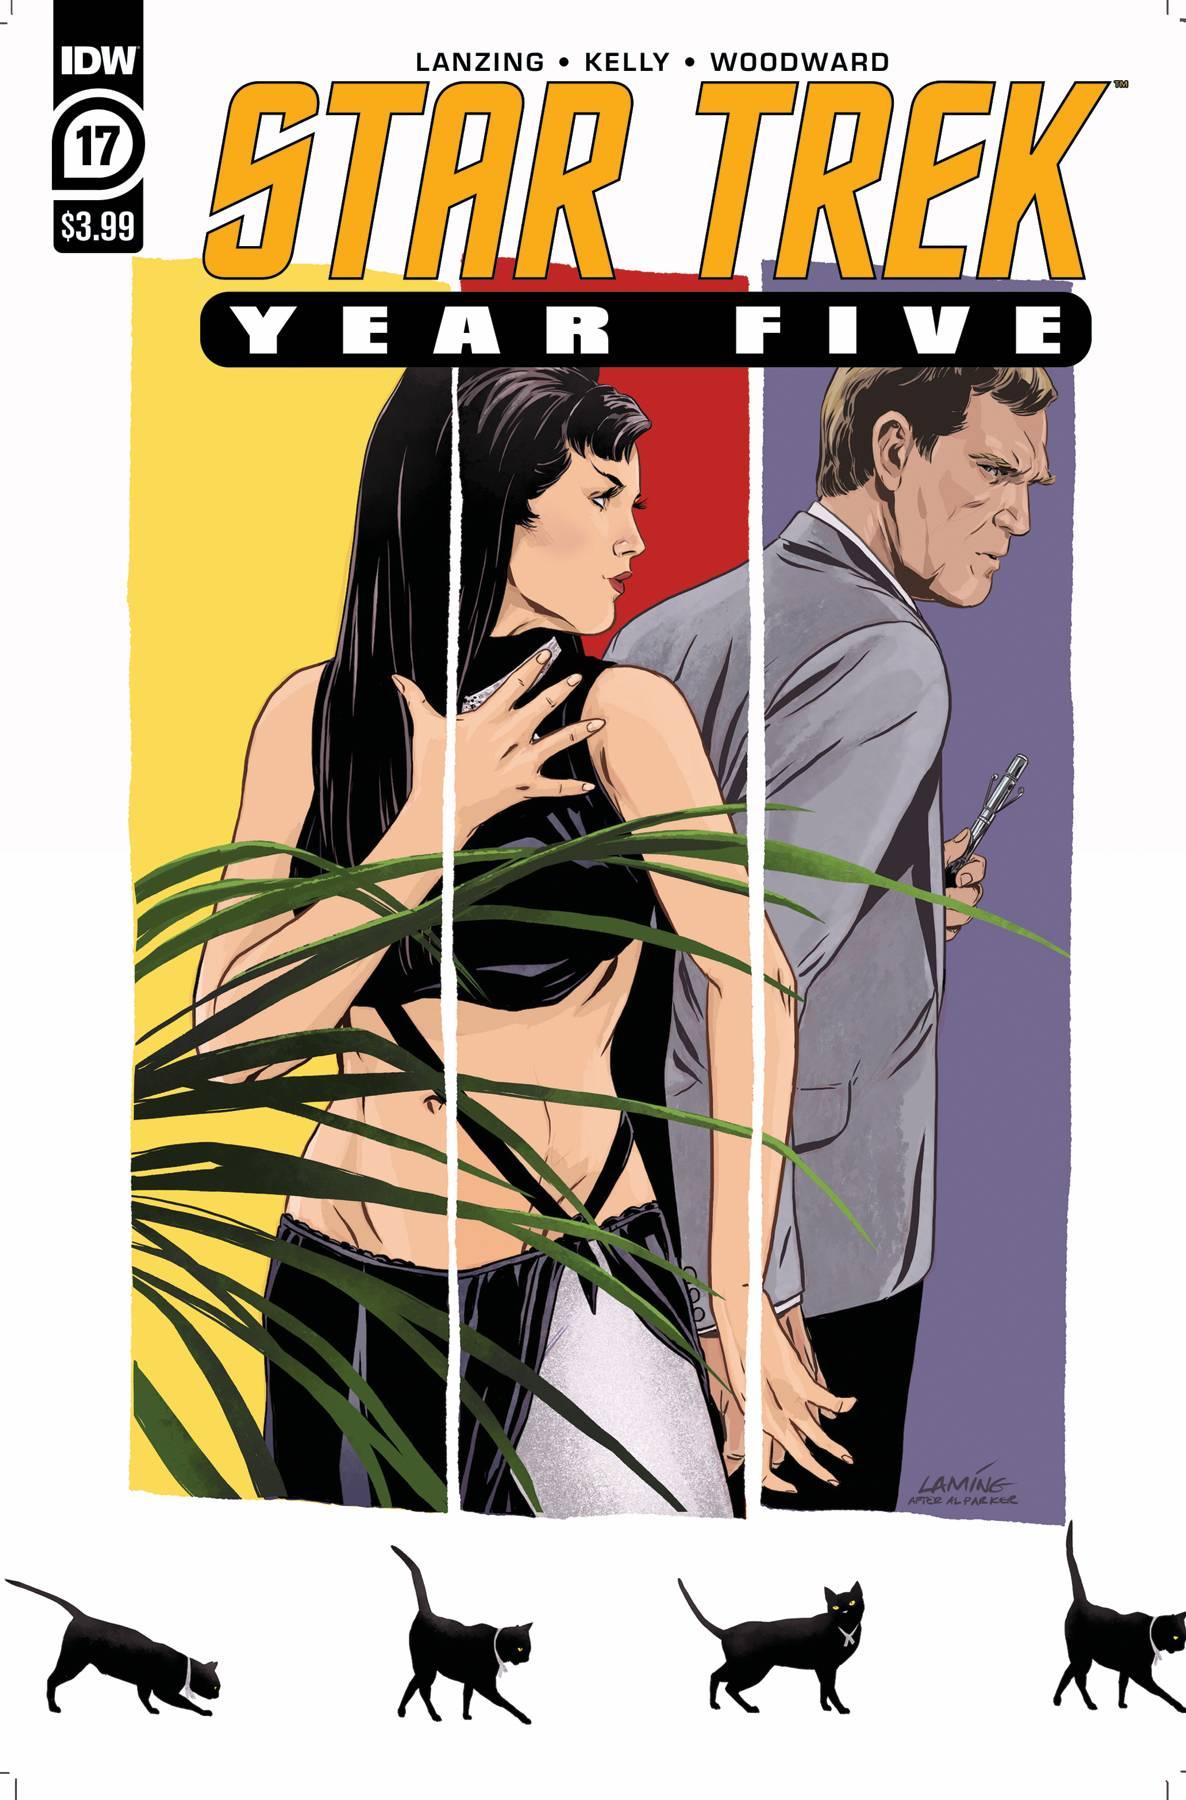 Star Trek: Year Five #17 (2020)